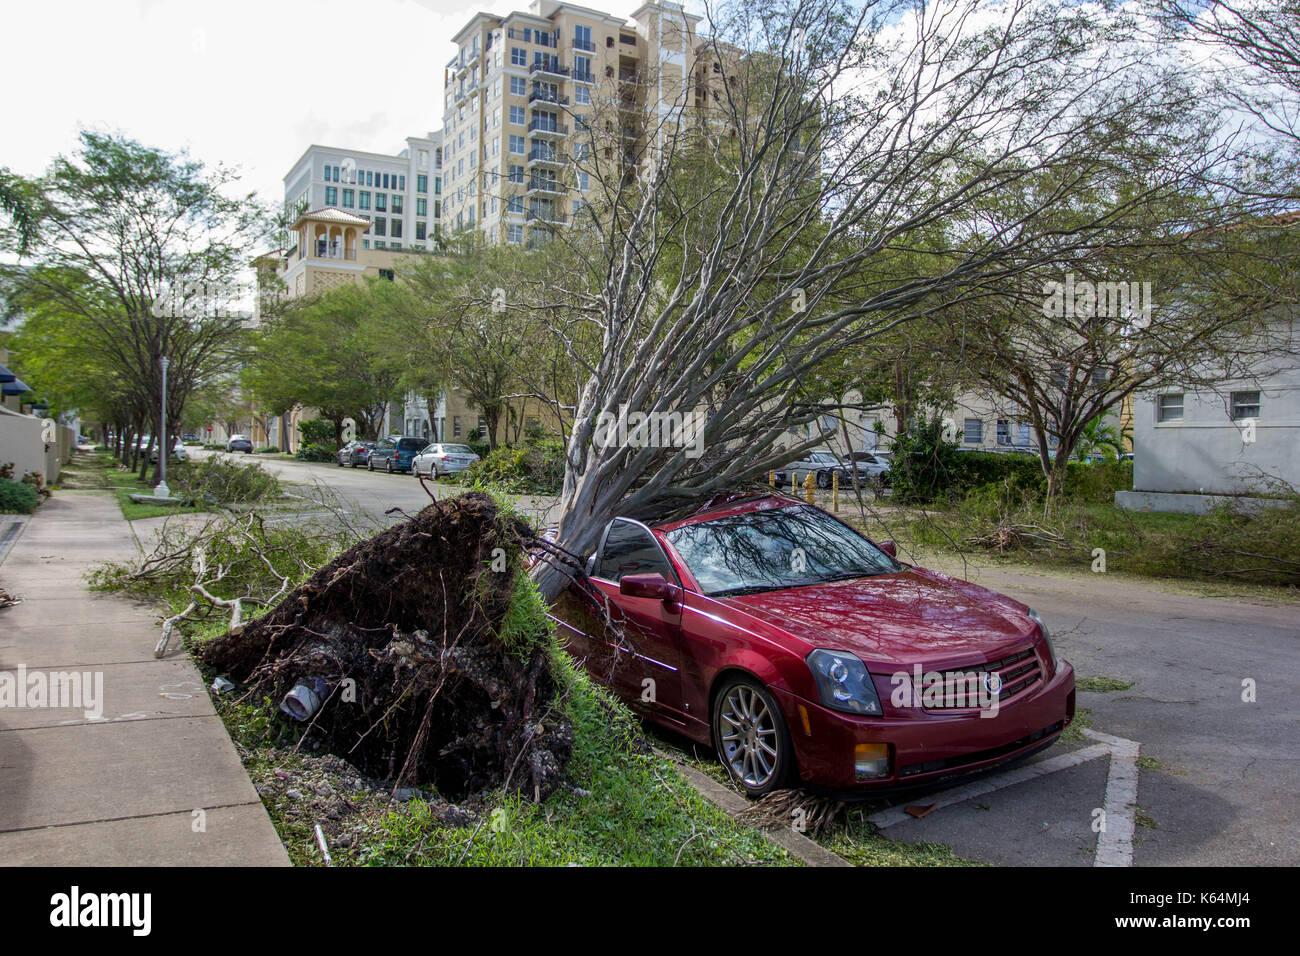 Miami, Florida, EE.UU. 11 sep, 2017. Un coche aplastado bajo un árbol destruido tras el huracán irma en Miami, FL, Foto de stock